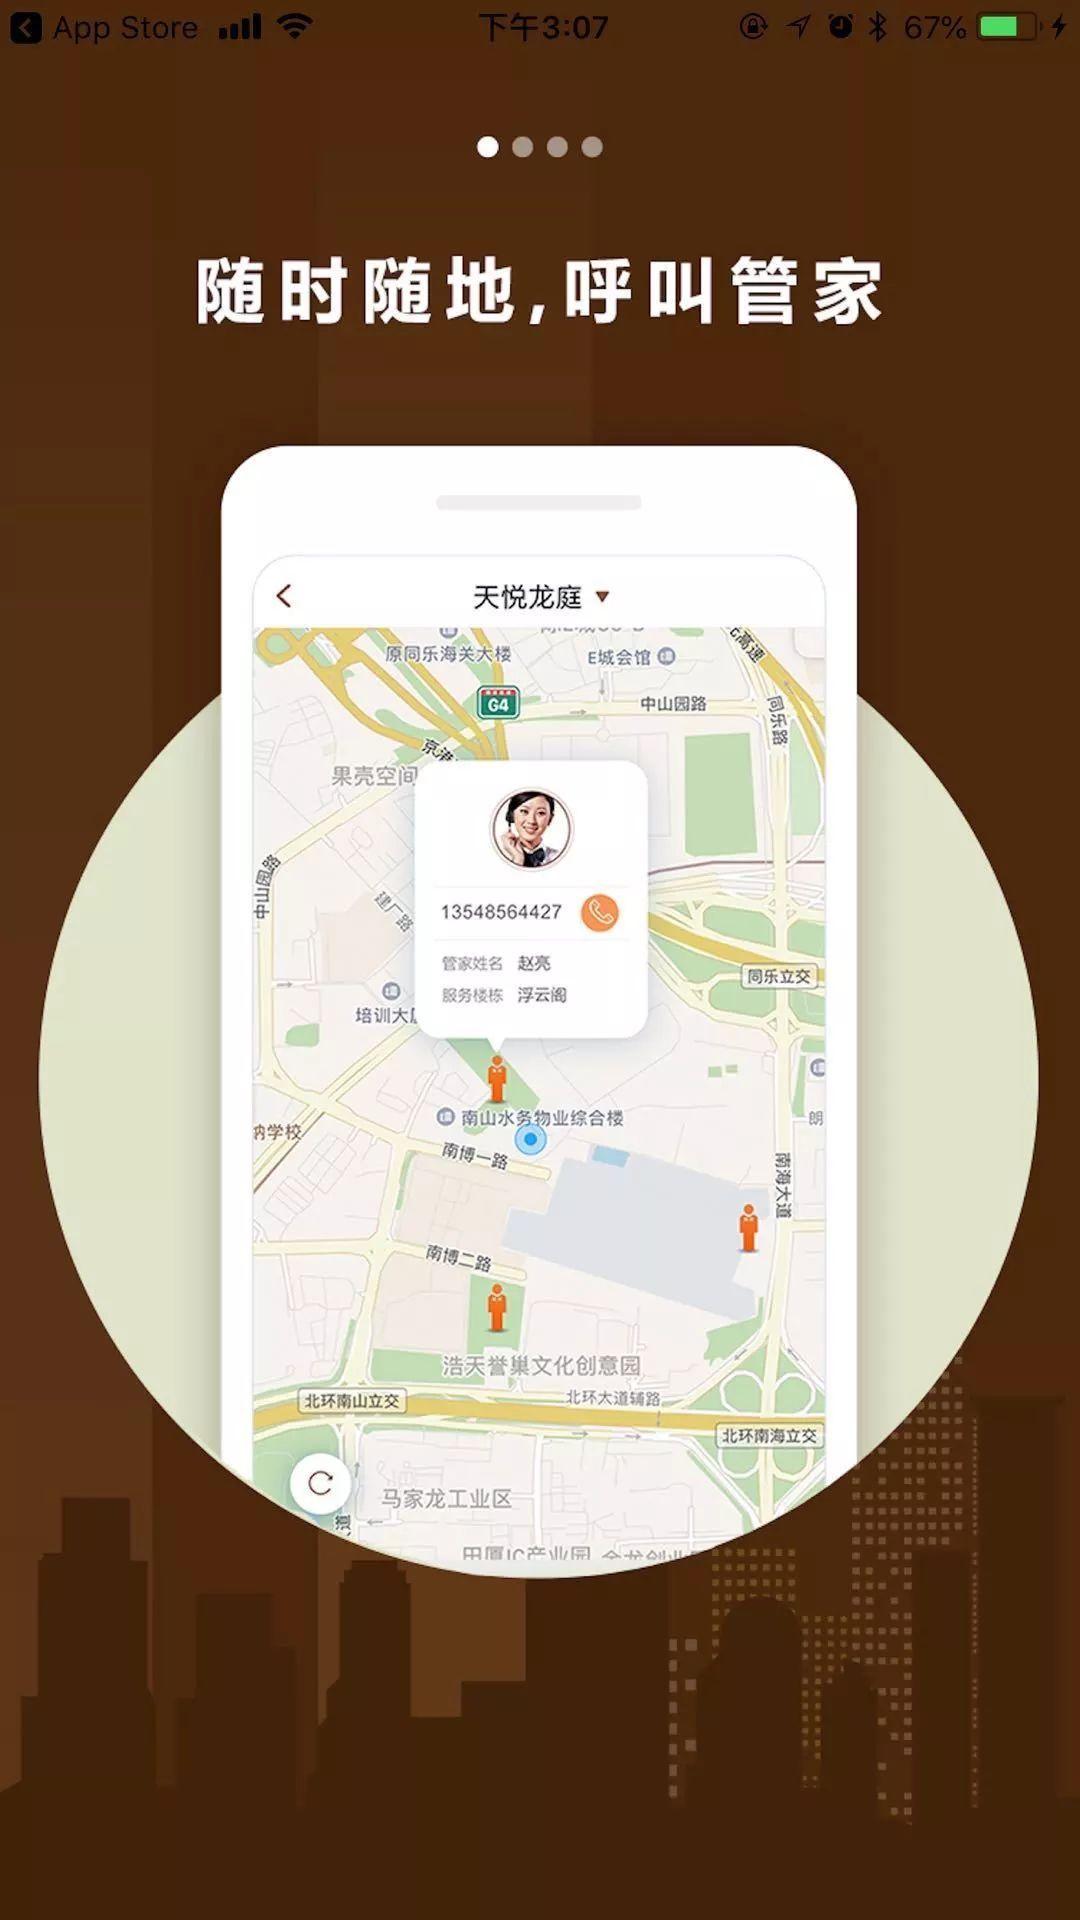 美人鱼聚合app-美人鱼聚合最新破解版-美人鱼直播平台-新云软件园